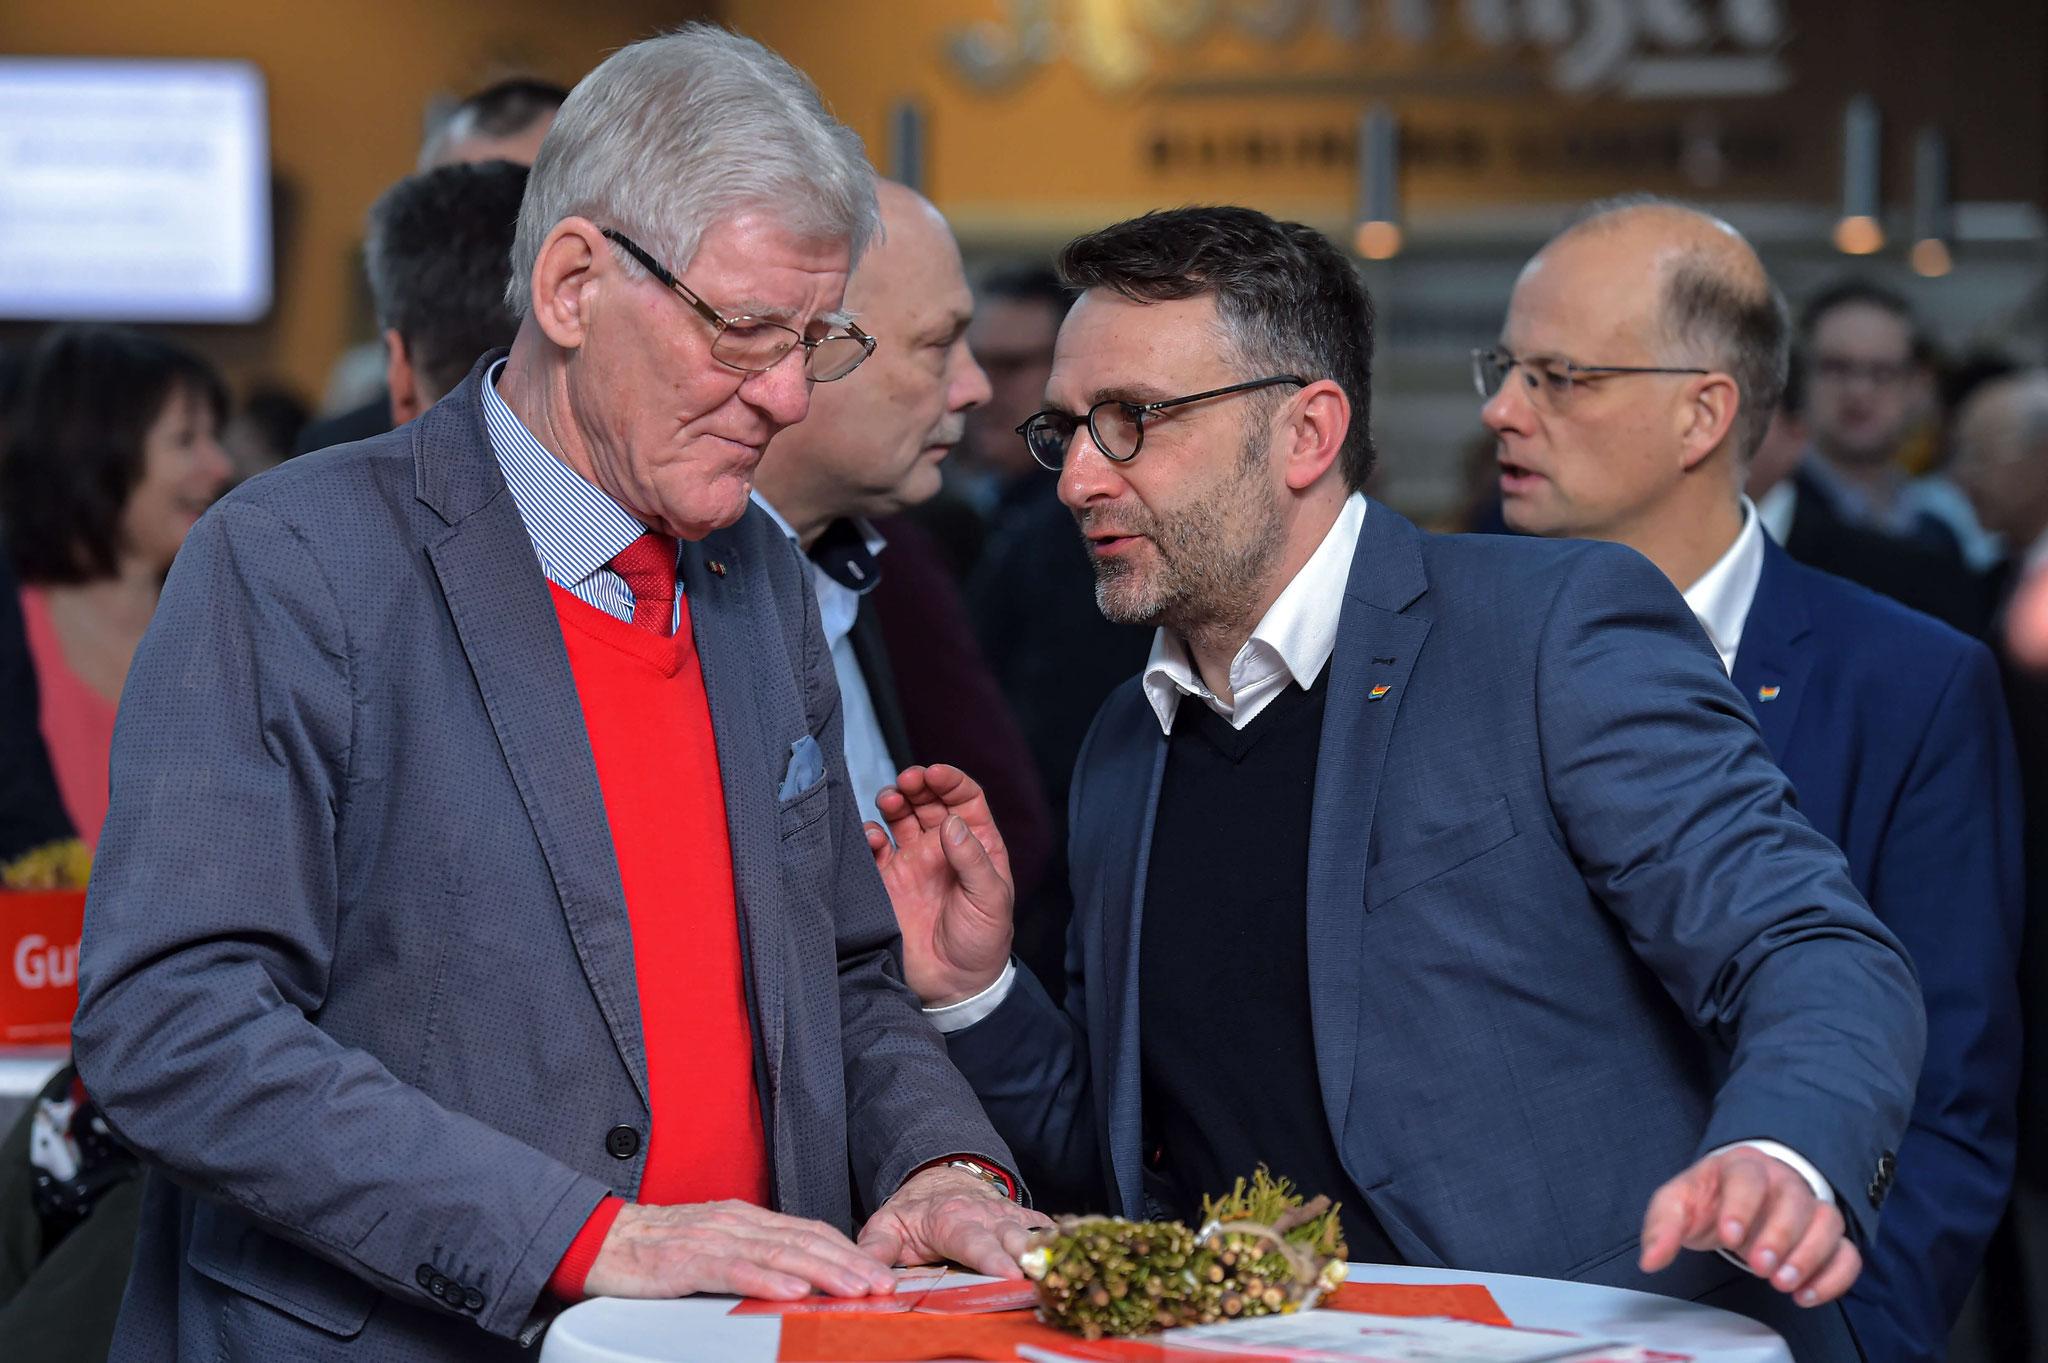 Volker Blumentritt (Orteilbürgermeister Lobeda) im Gespräch mit Gunnar Poschmann (jenawohnen)